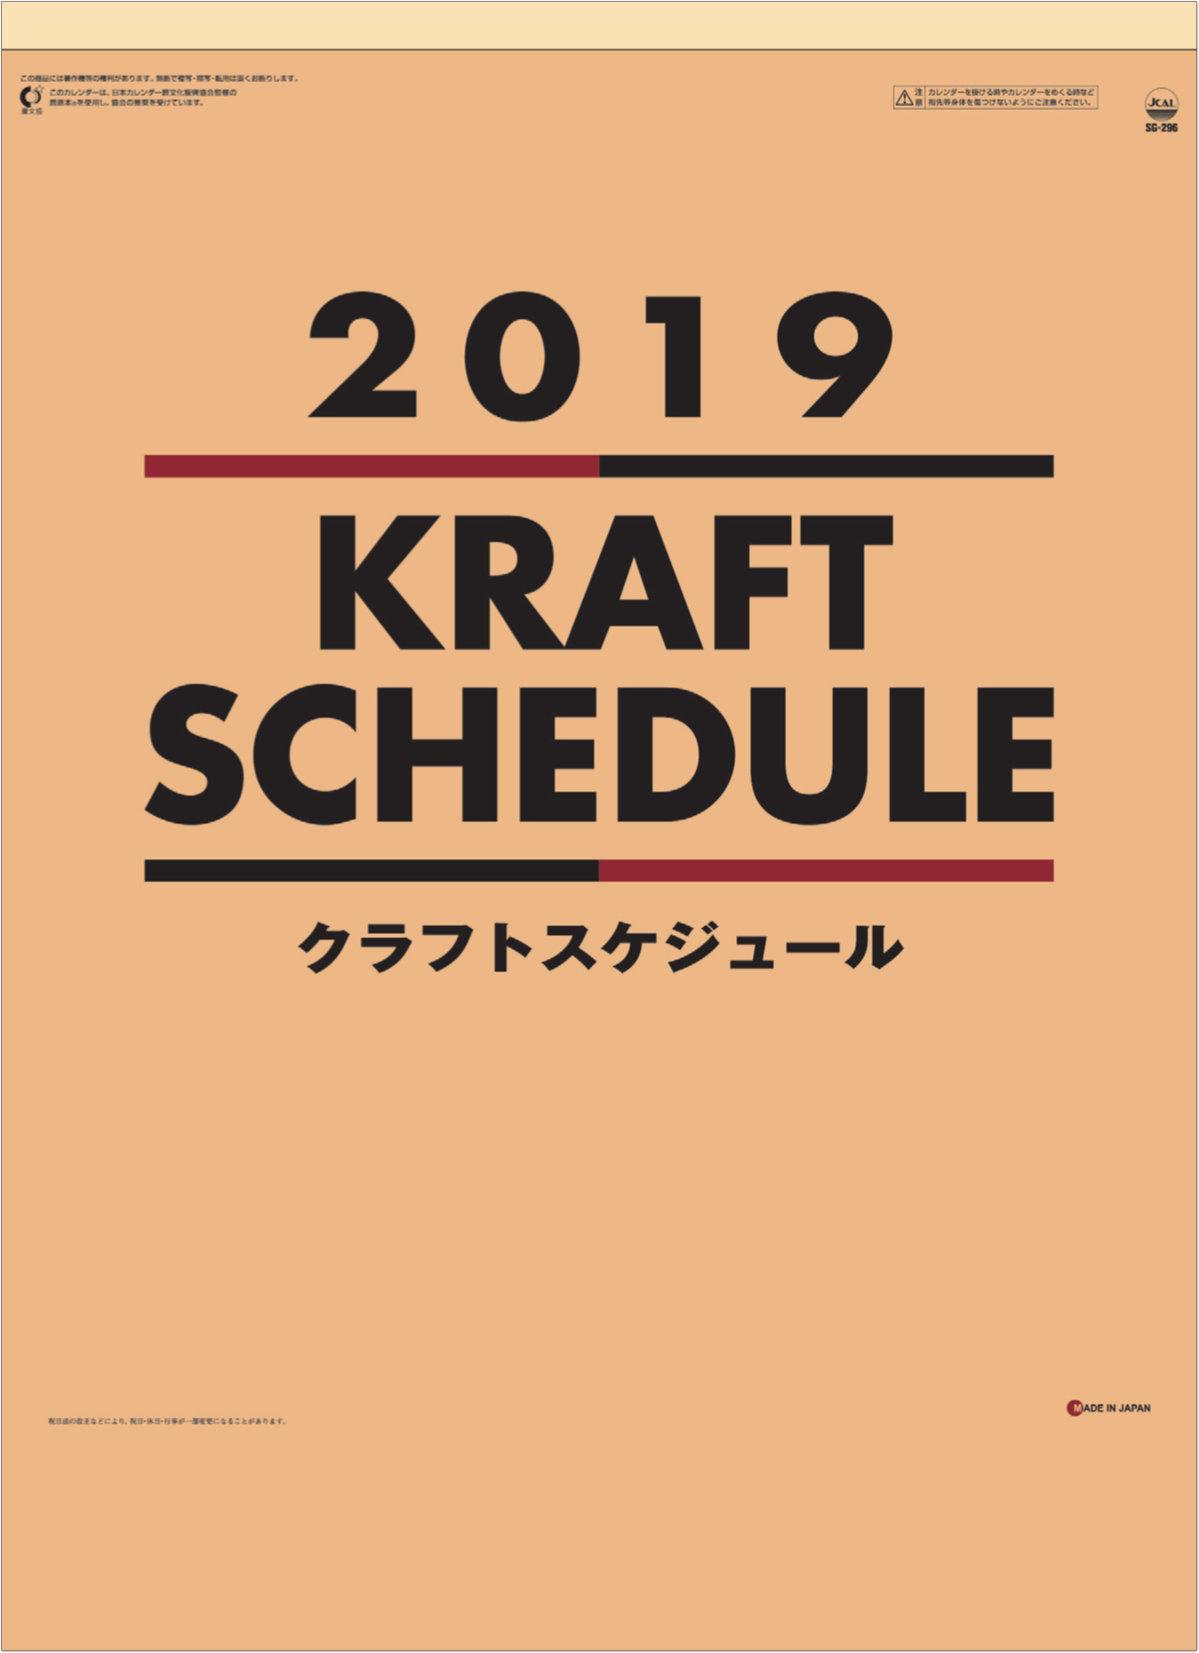 クラフトスケジュール 2019年カレンダー